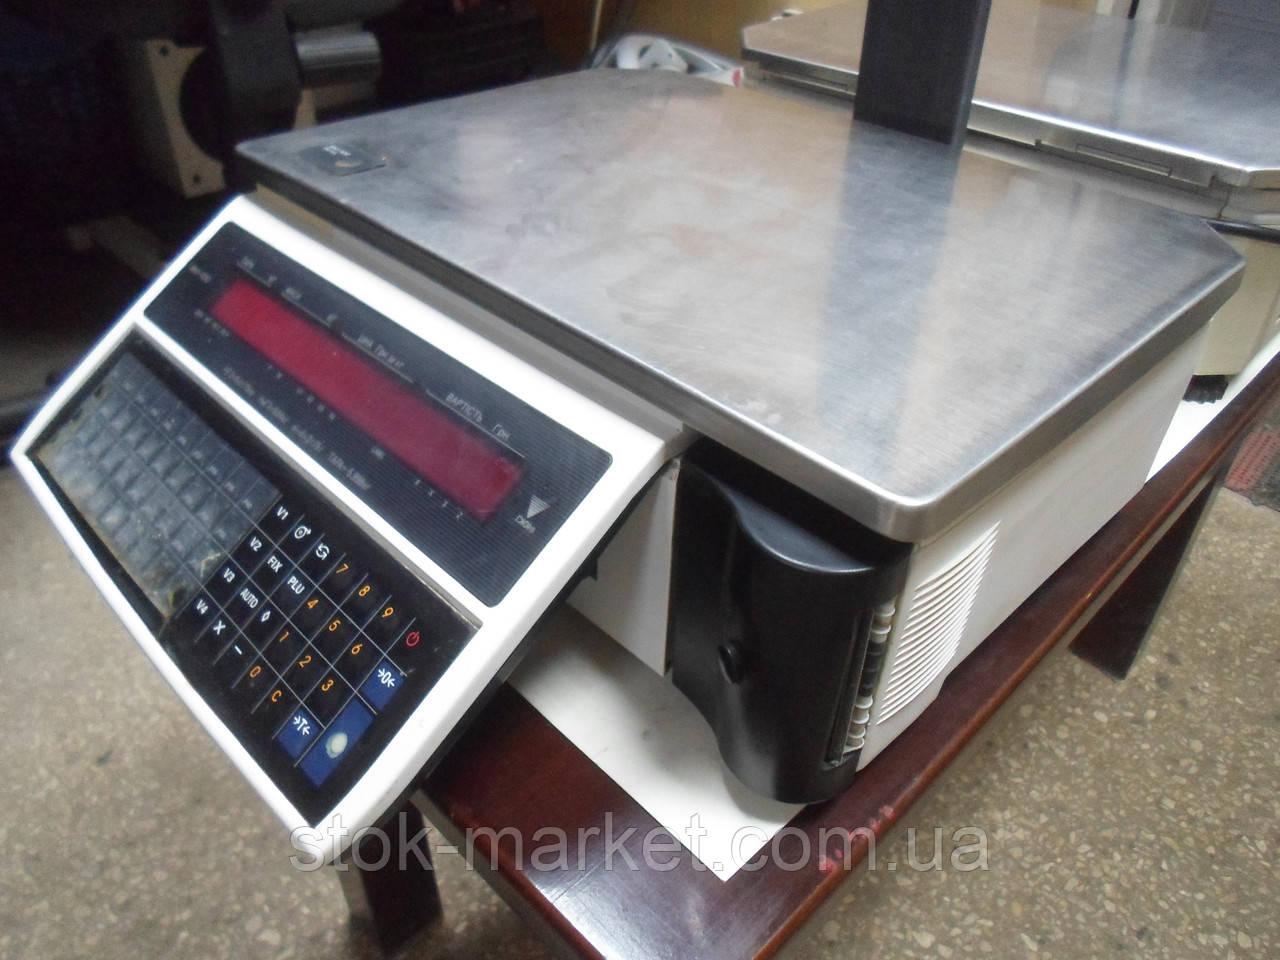 Ваги Digi SM-100 б/в, Ваги з чекодруком Digi SM100 б/в, ваги б, чекодрукуючі ваги б.